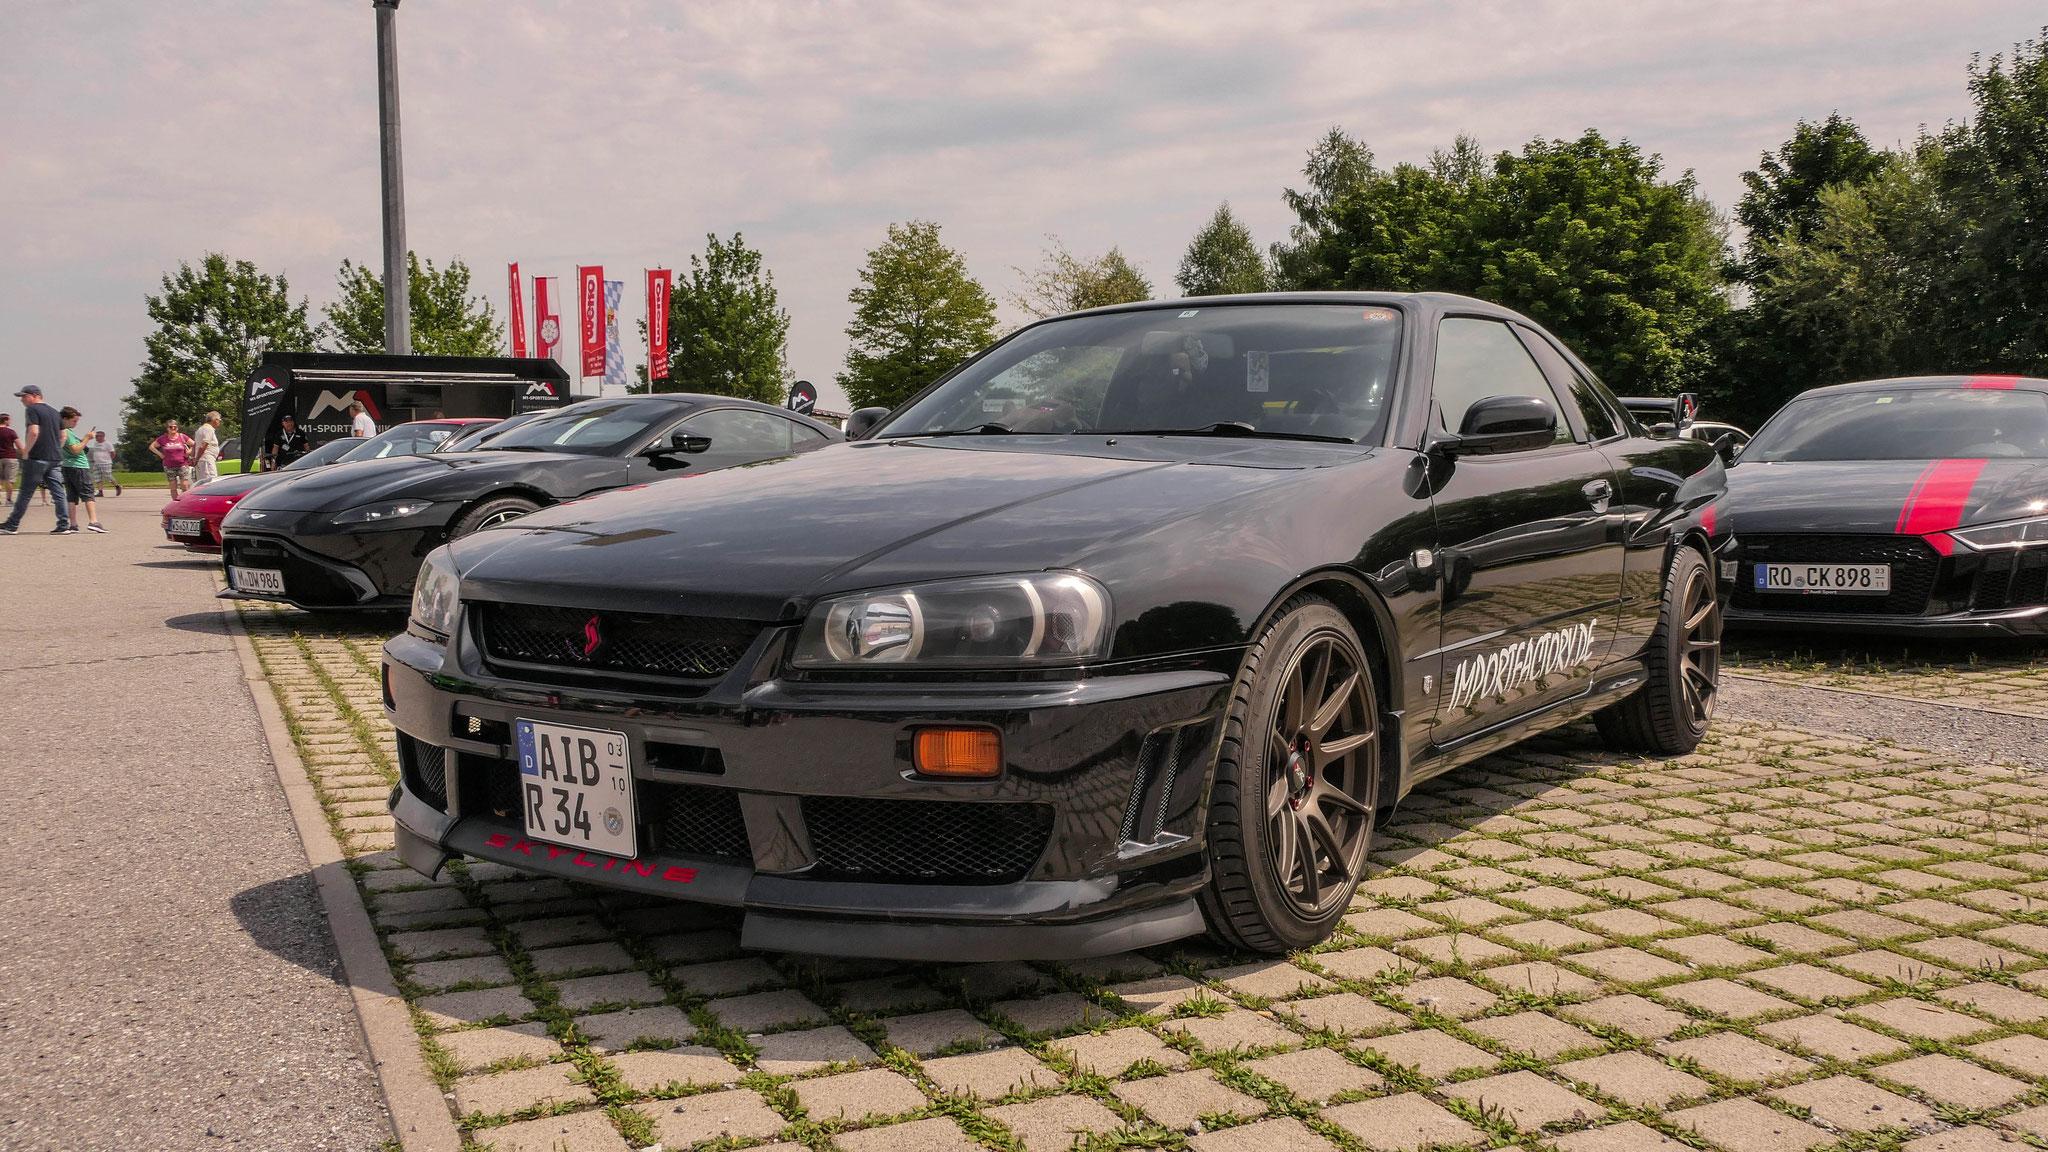 Nissan R34 GT-R - AIB-R-34